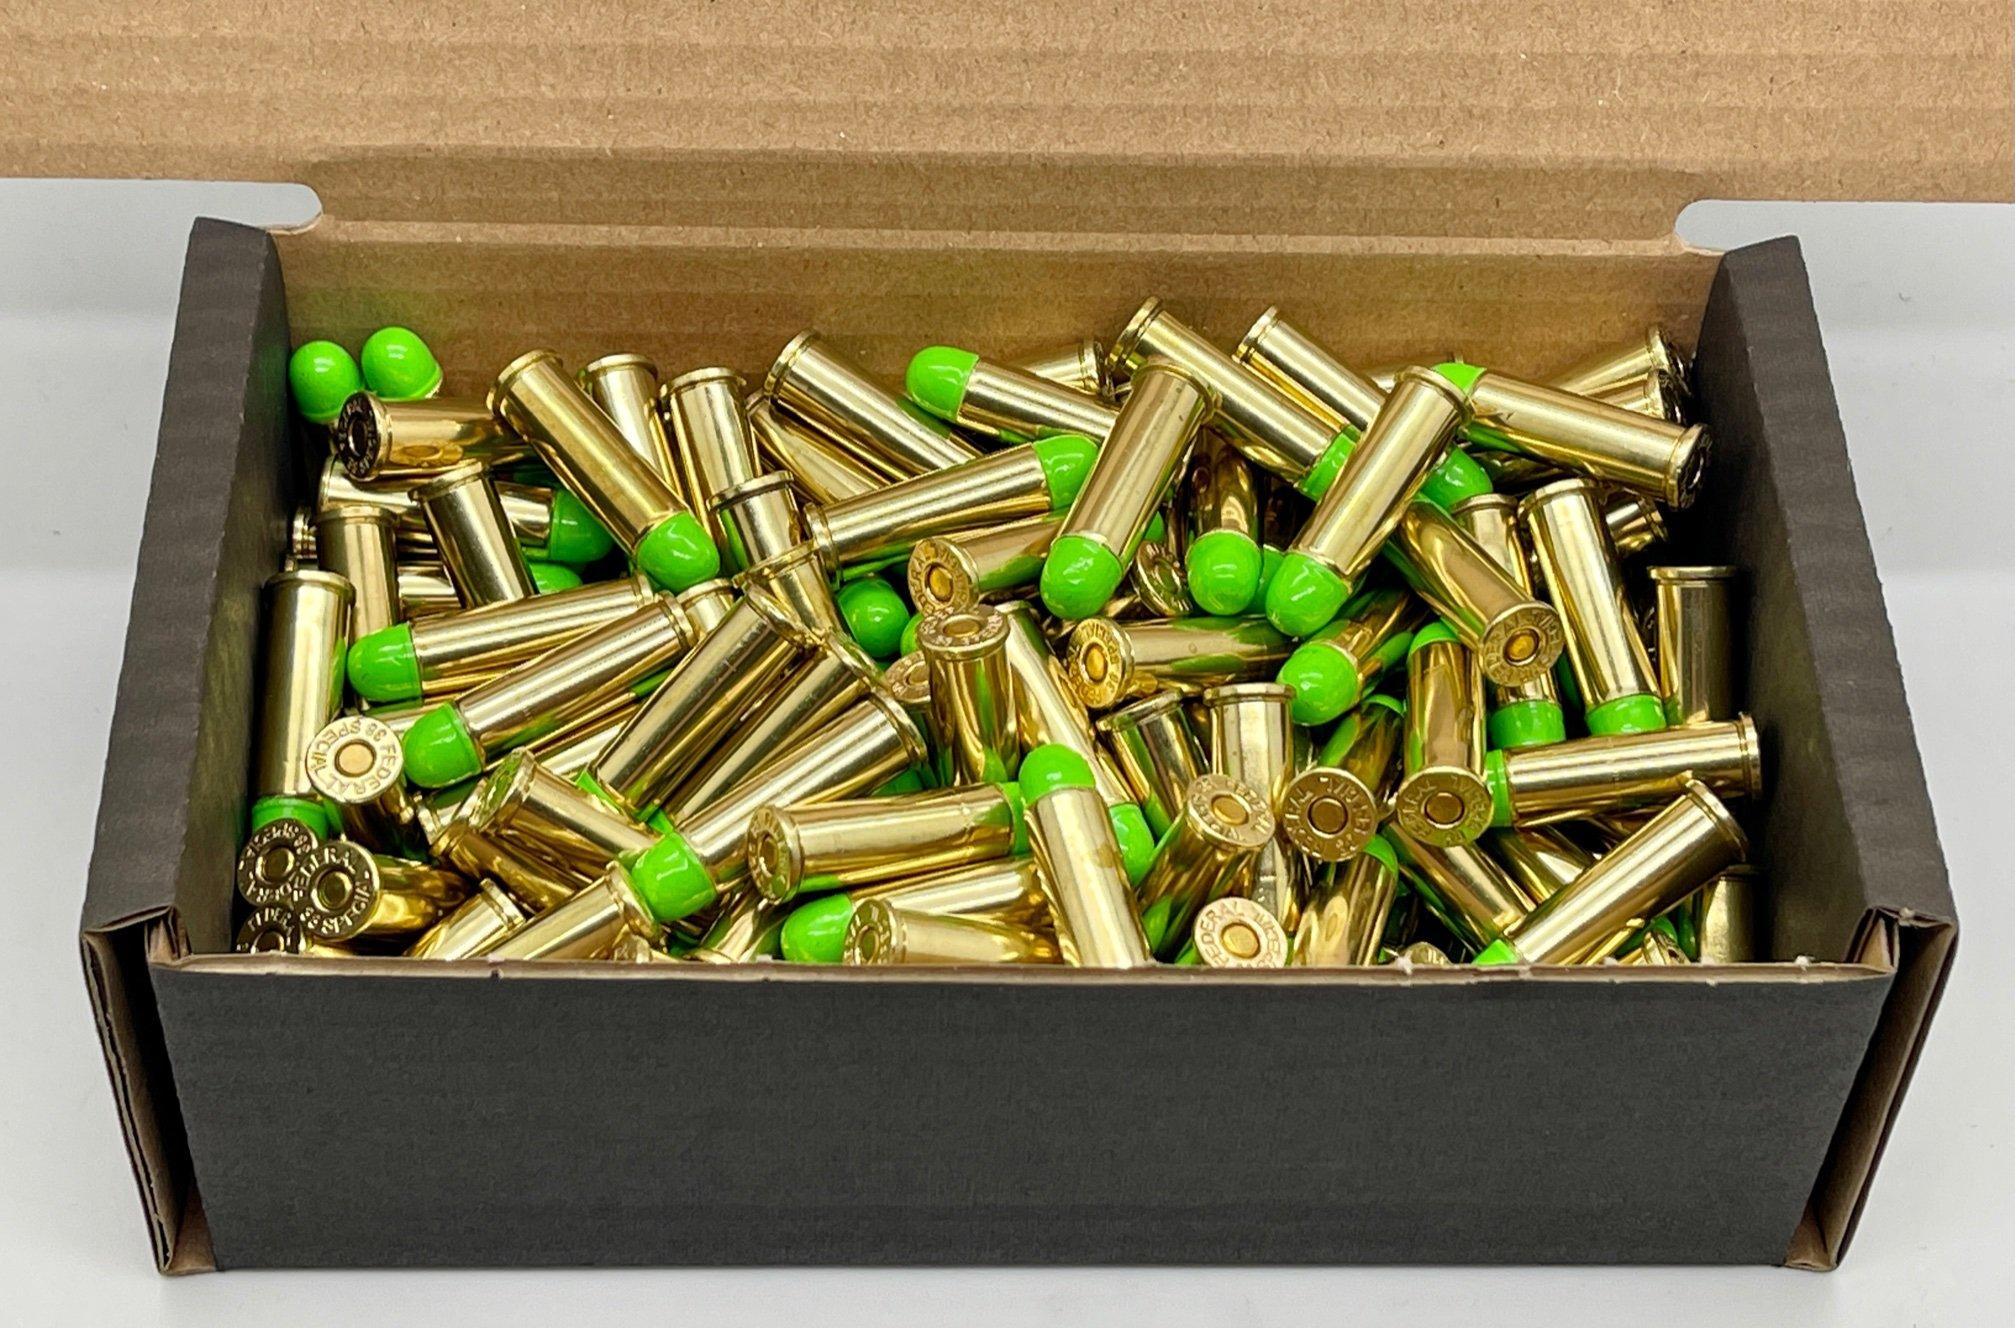 ZMA Ammo Premium Zombie Special .38 Special, 200 stk., 158gr.